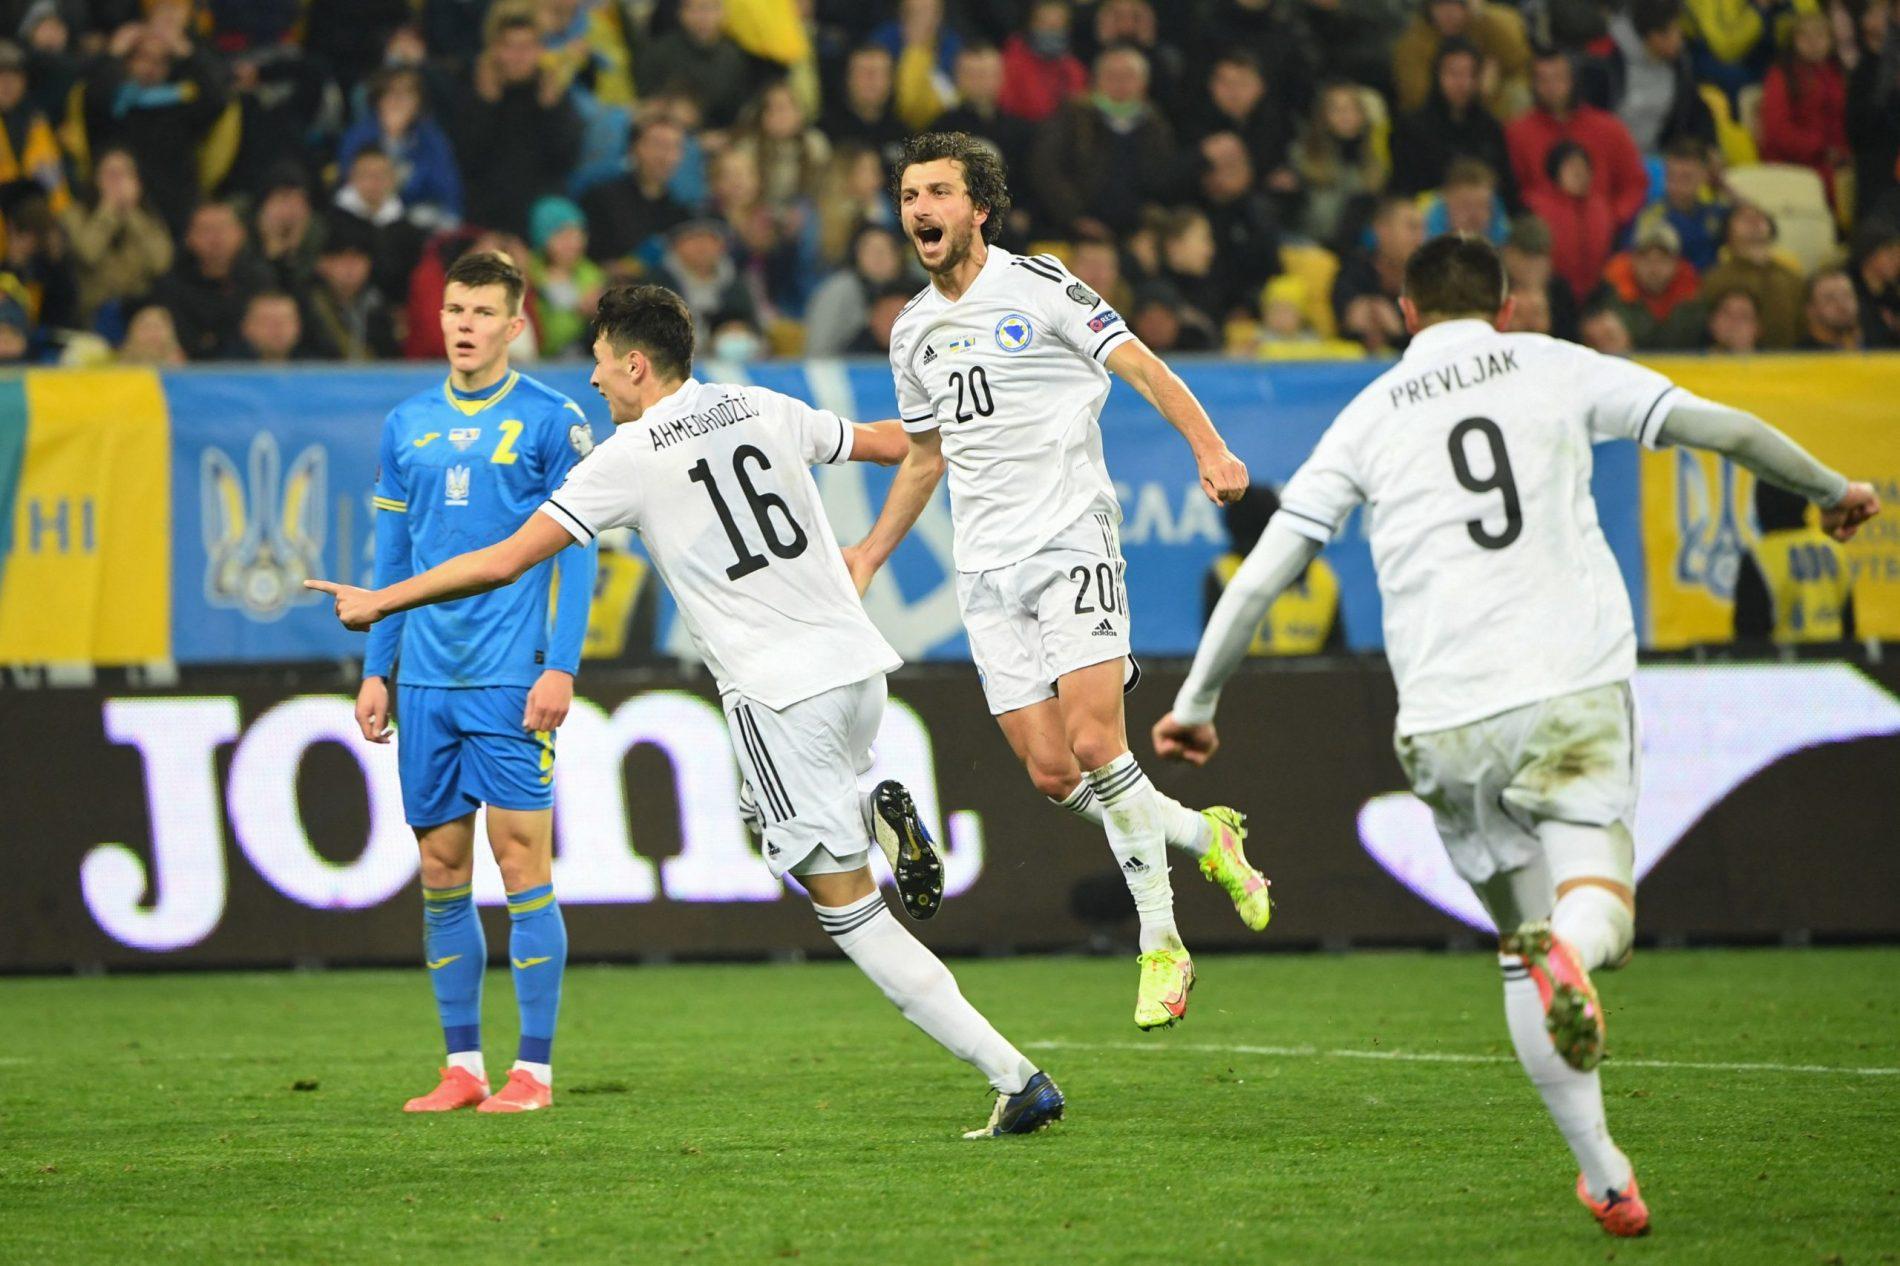 Bosna odigrala neriješeno u Ukrajini